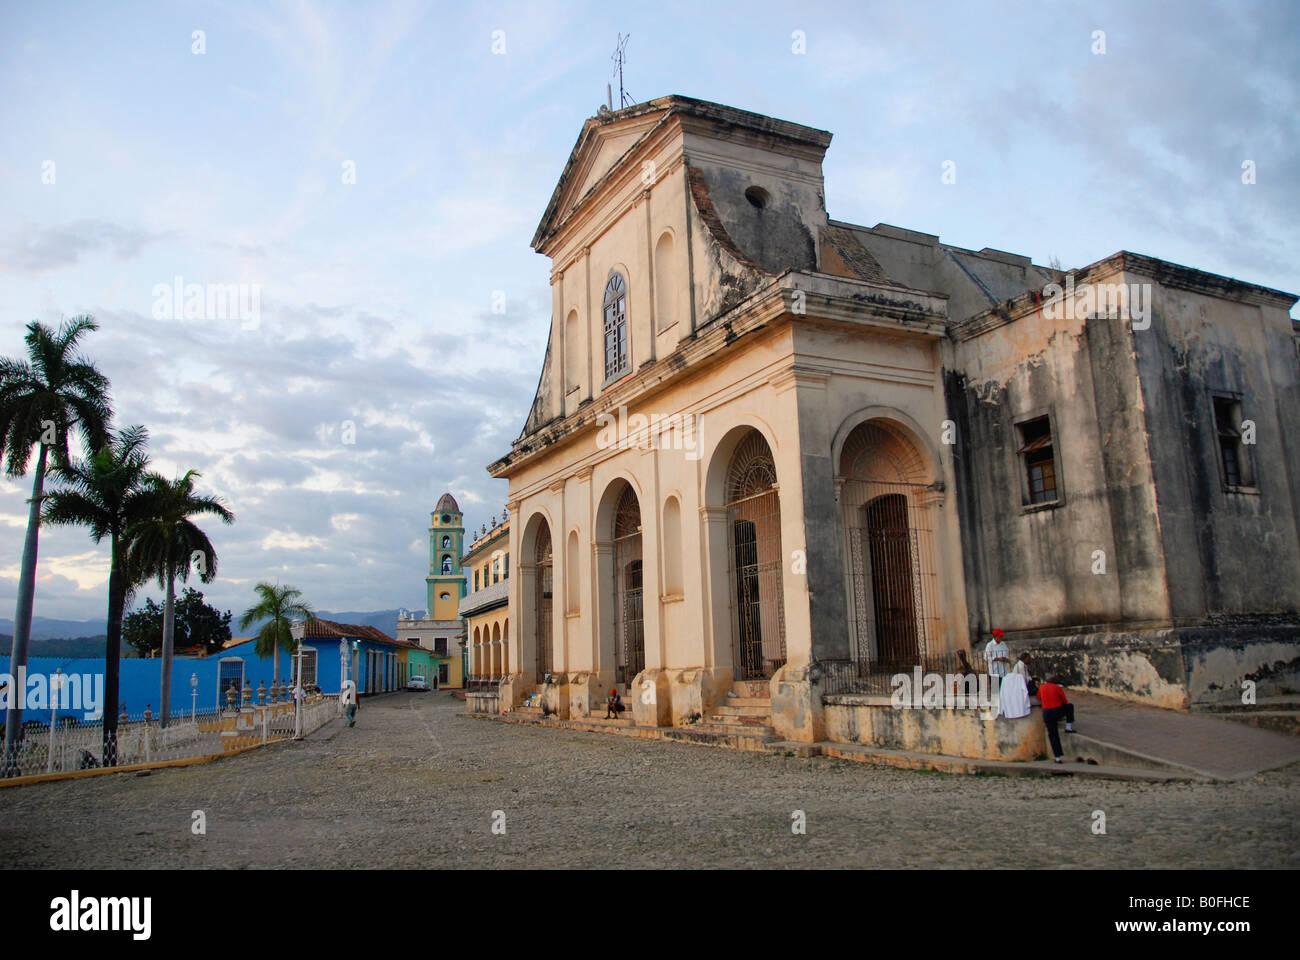 Iglesia Parroquial de la Santisima Trinidad Plaza Mayor Trinidad Cuba - Stock Image